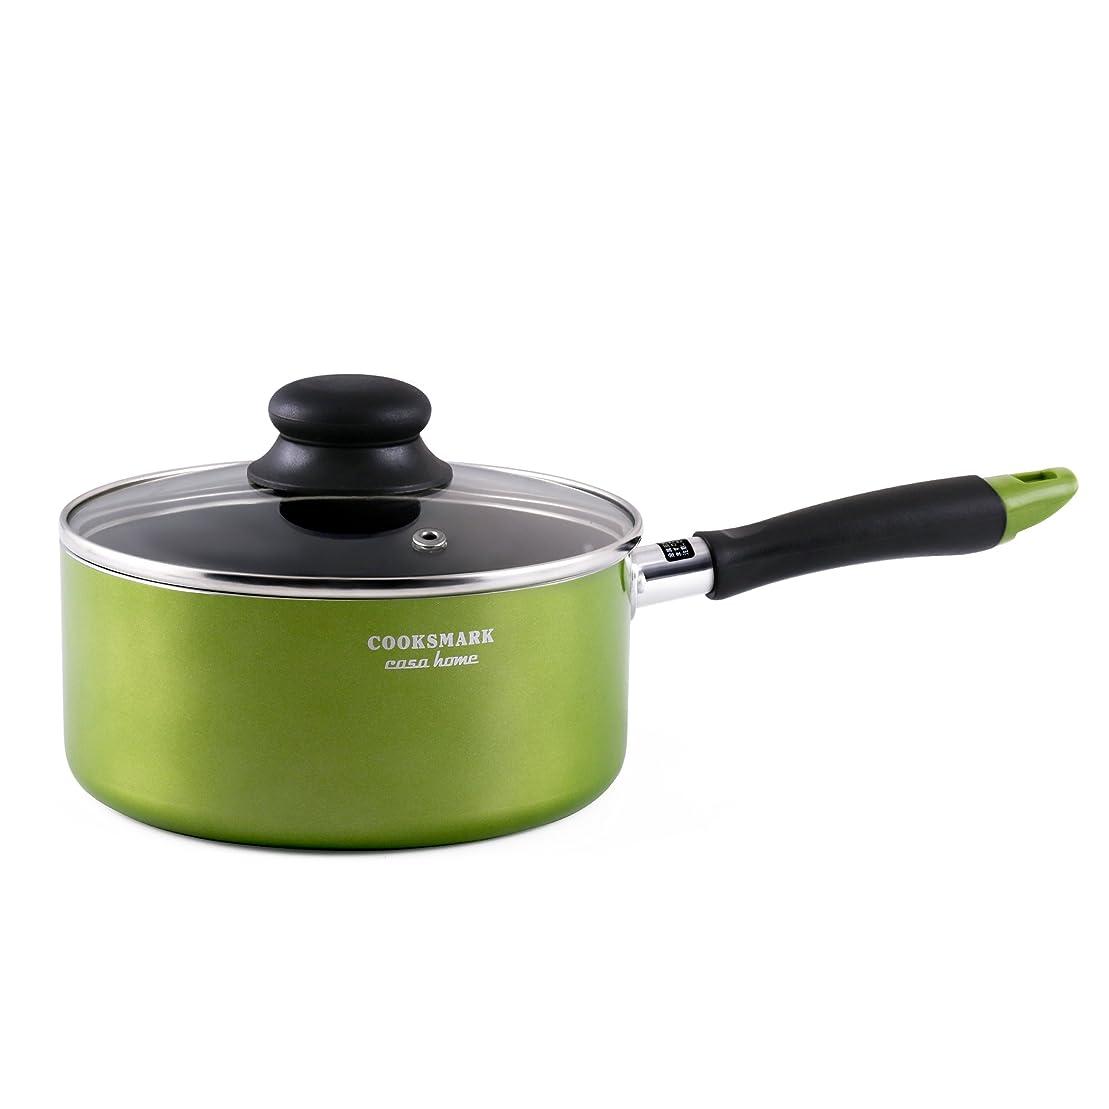 消す効能ある治療片手鍋 18cm ガラス鍋蓋付 IH対応 フッ素加工 グリーン